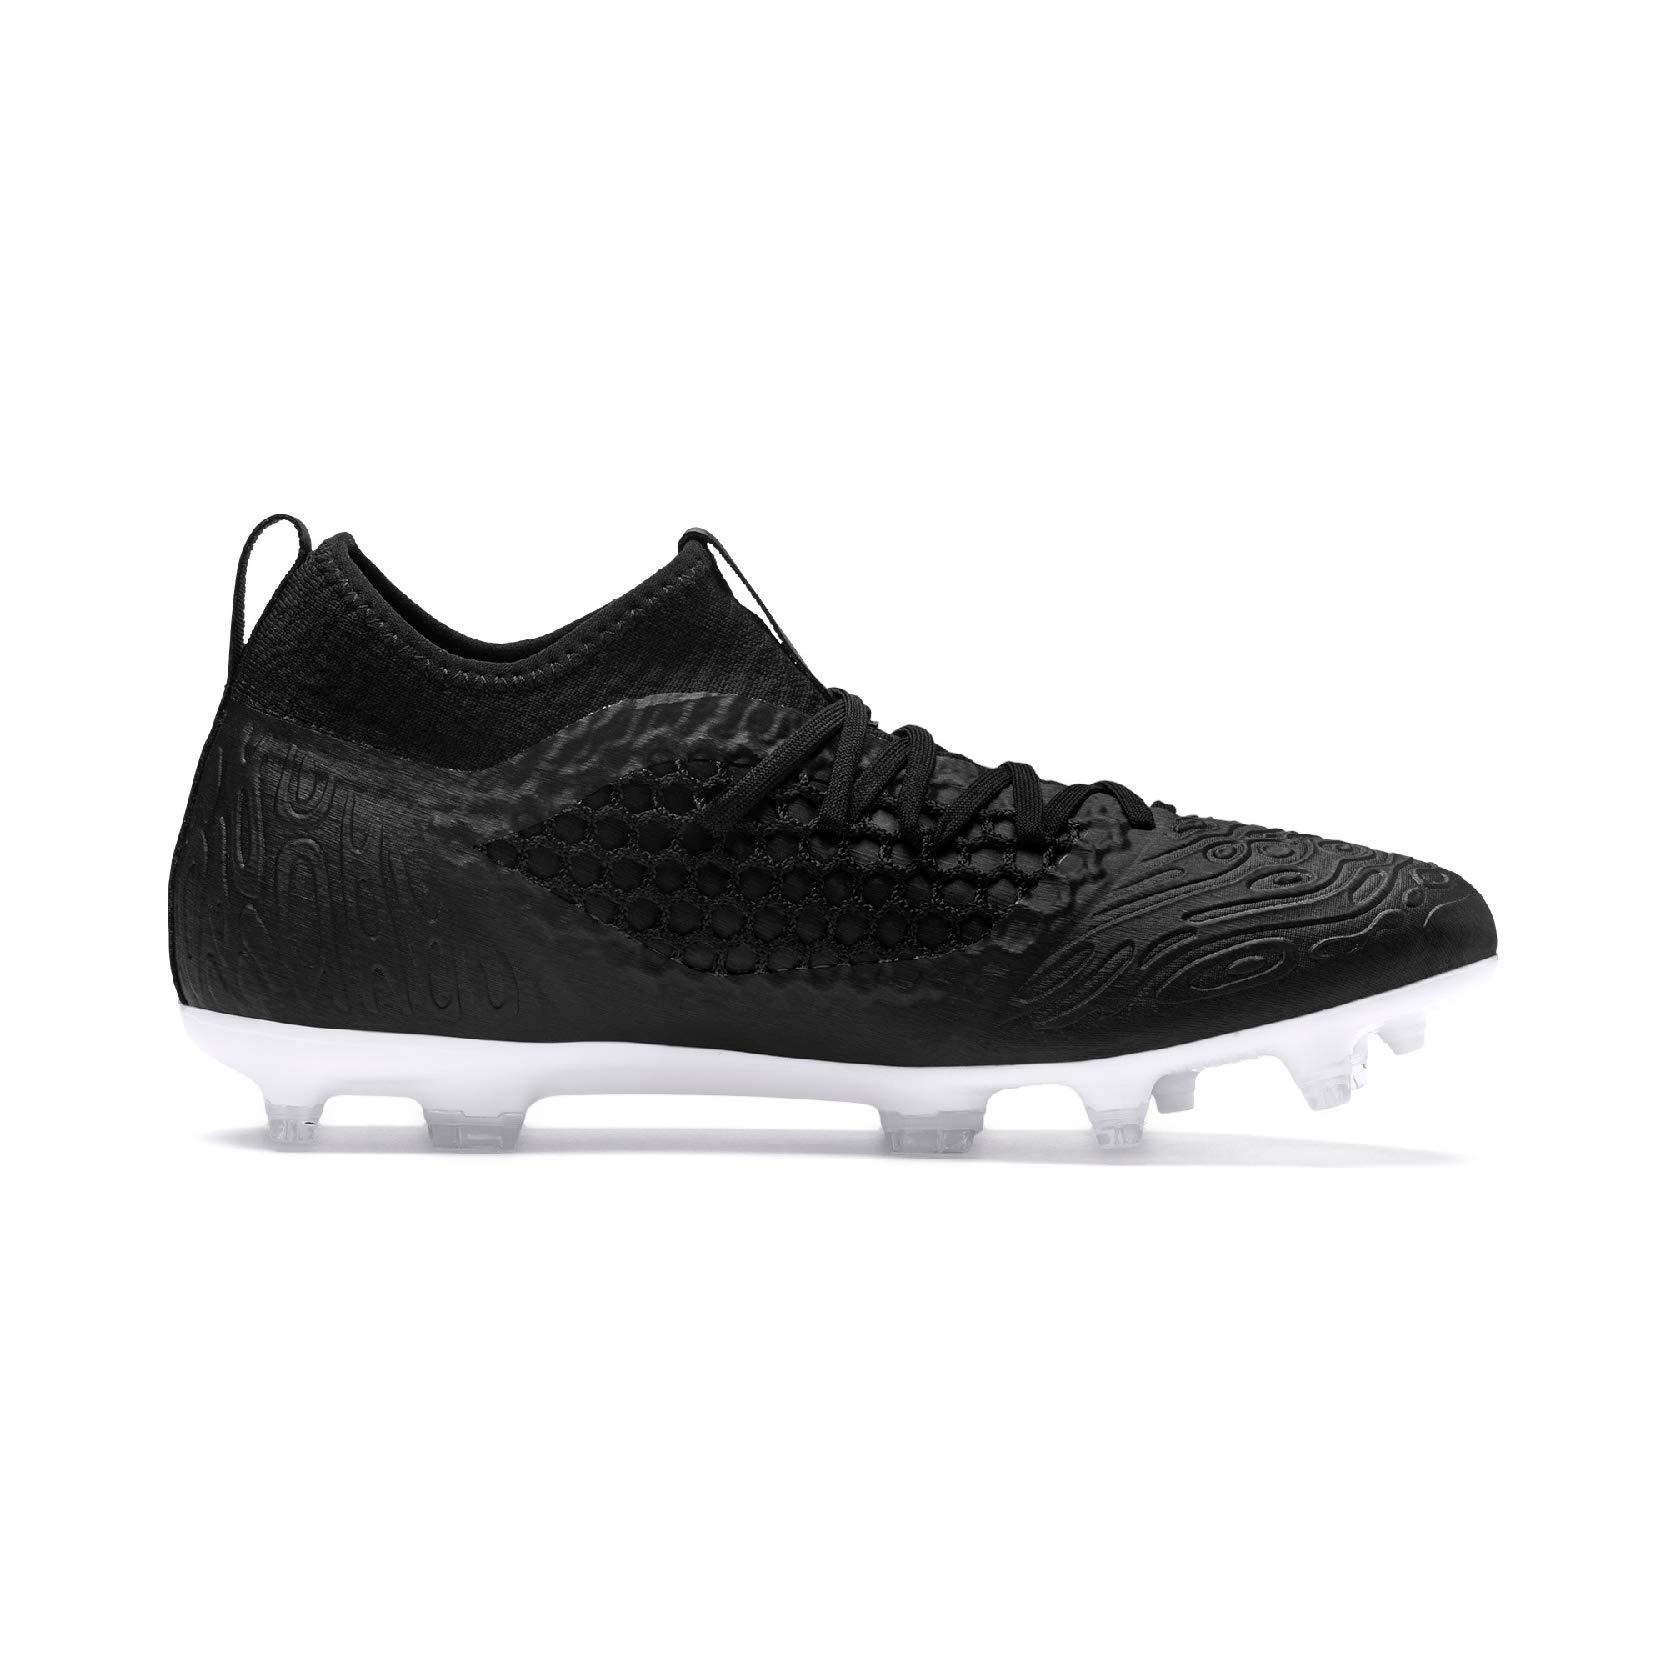 puma scarpe 2018 calcio